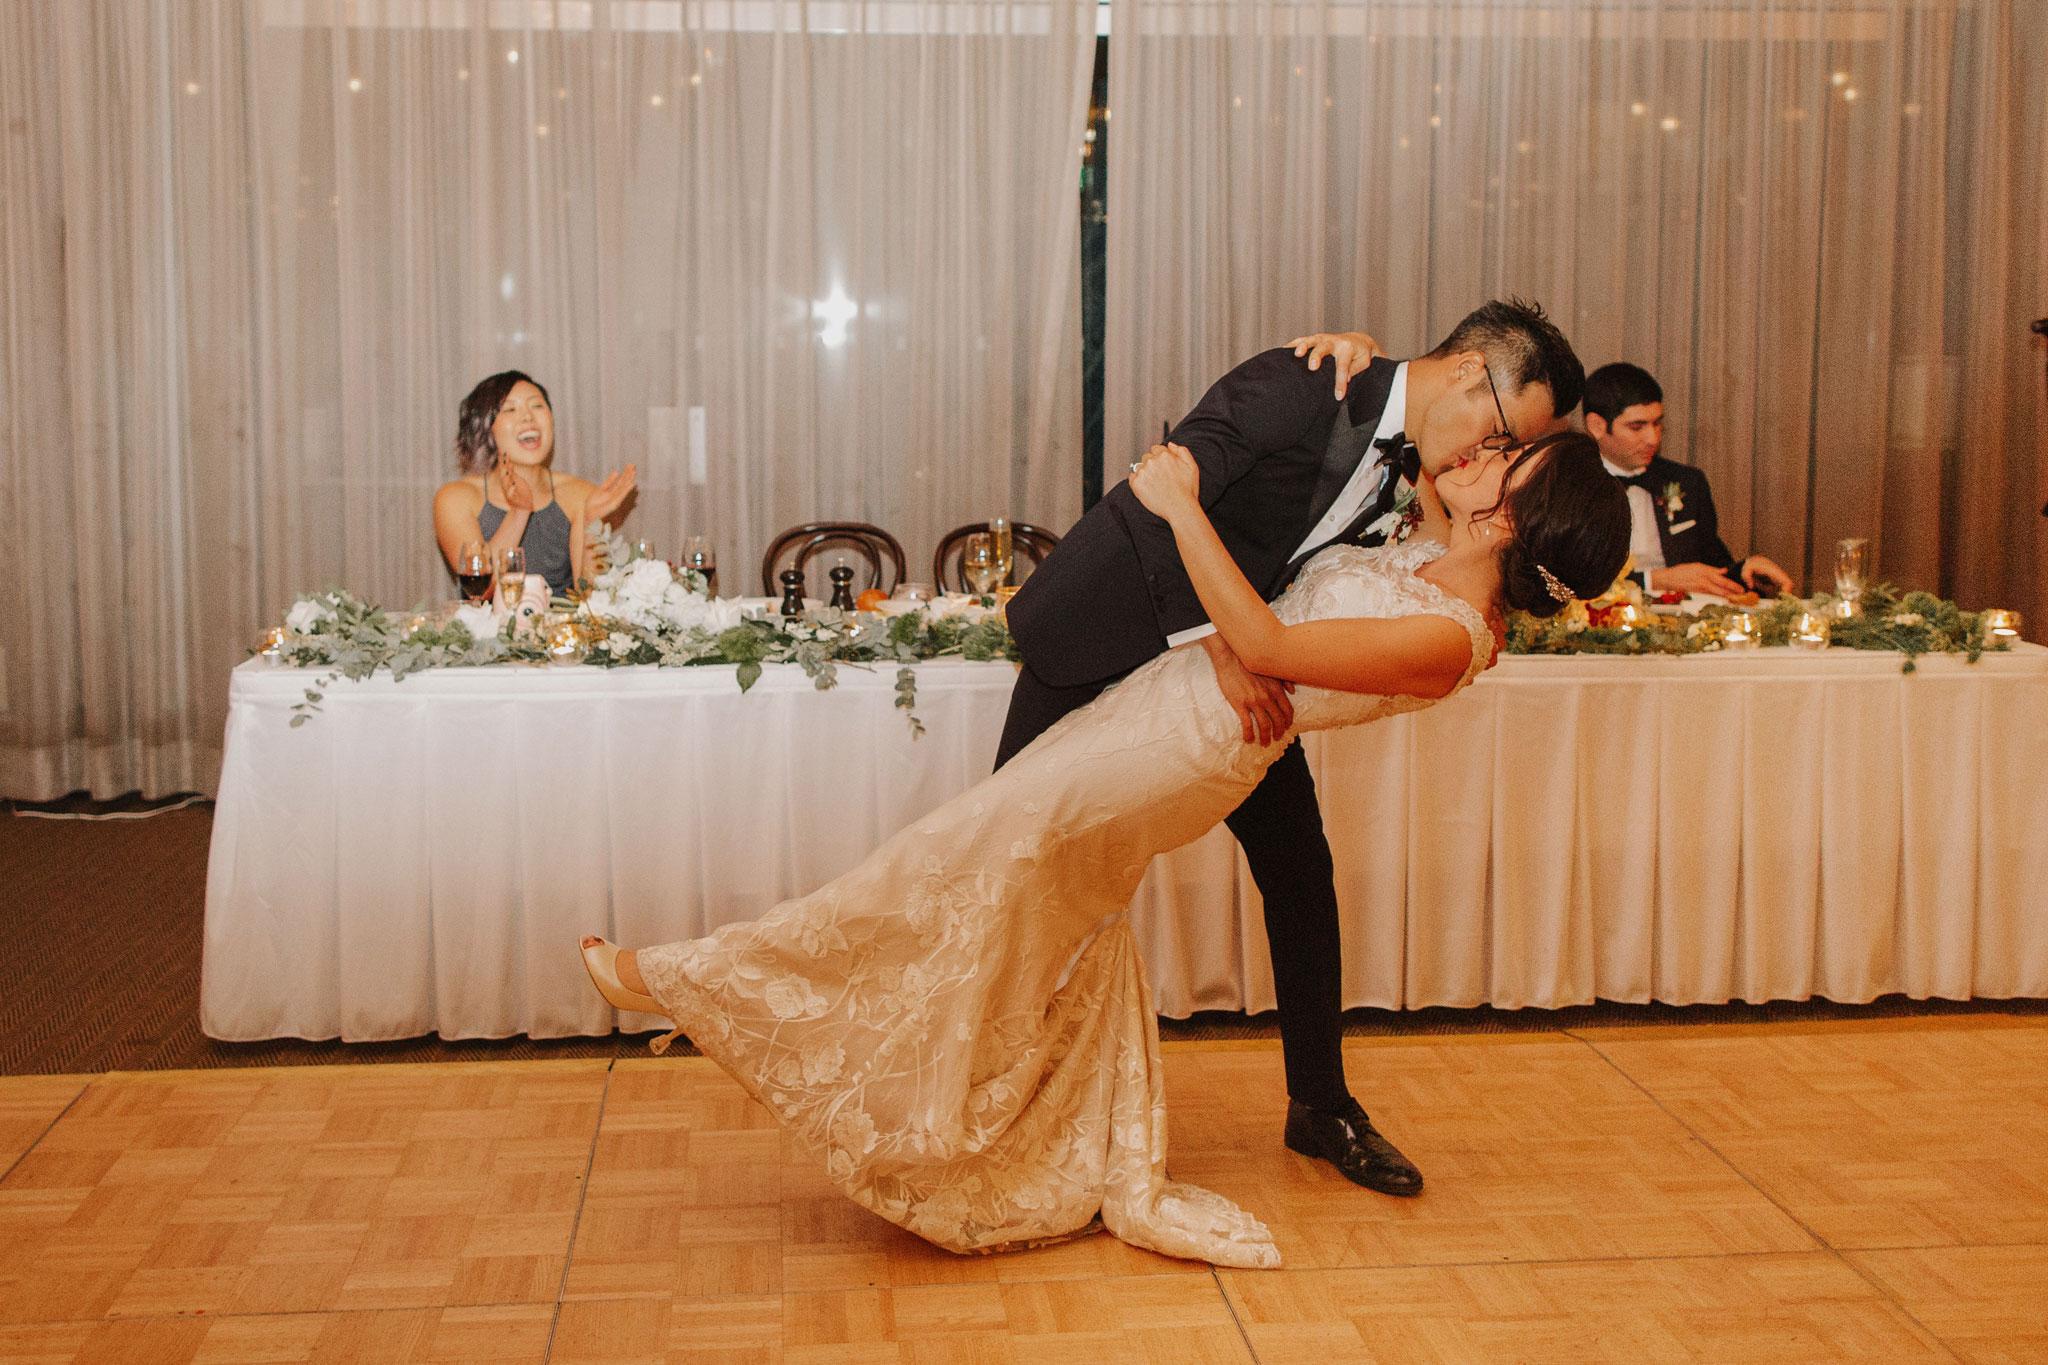 jo-jerrem-married-0844.jpg